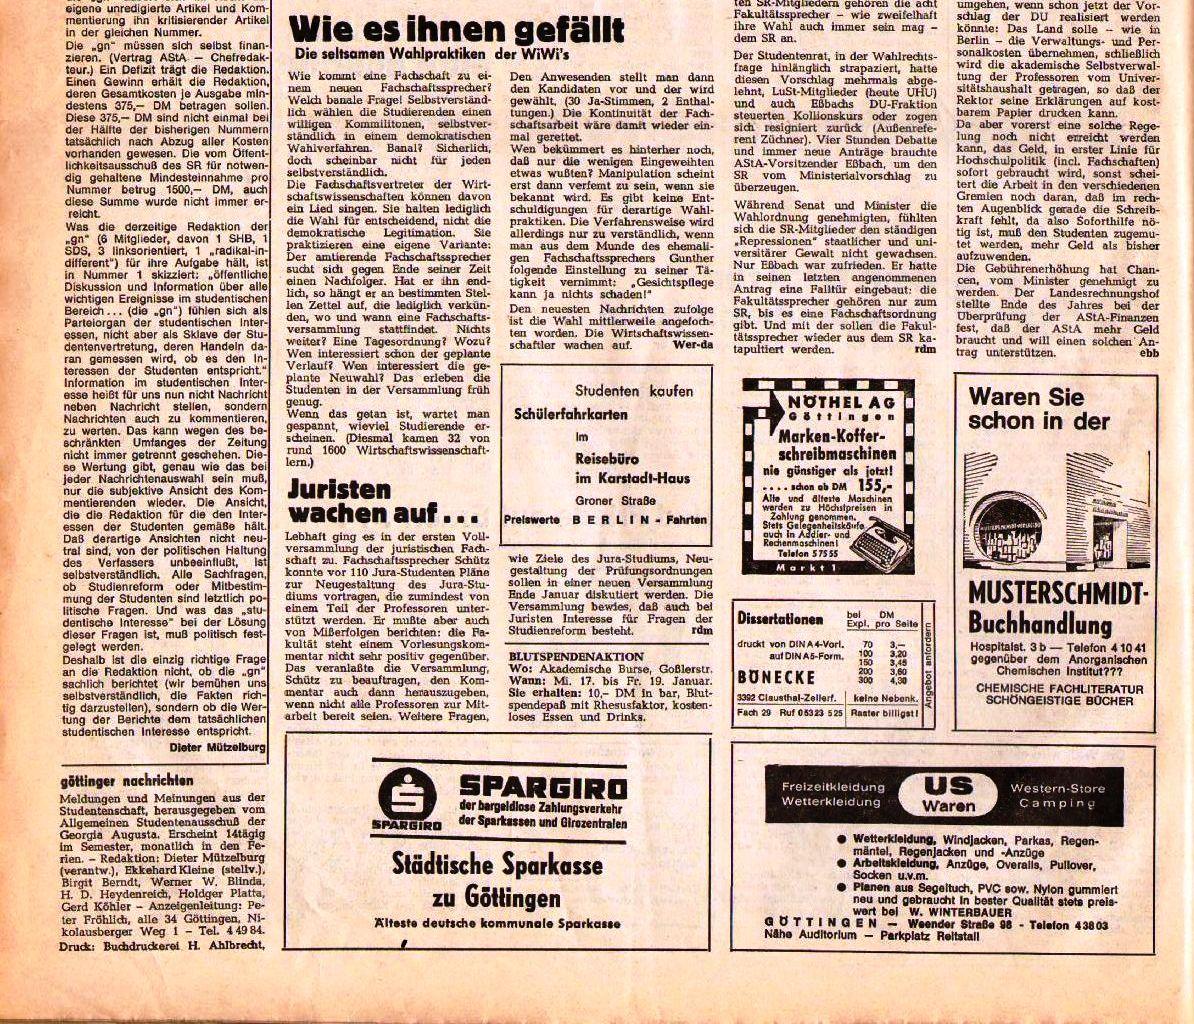 Goettinger_Nachrichten052